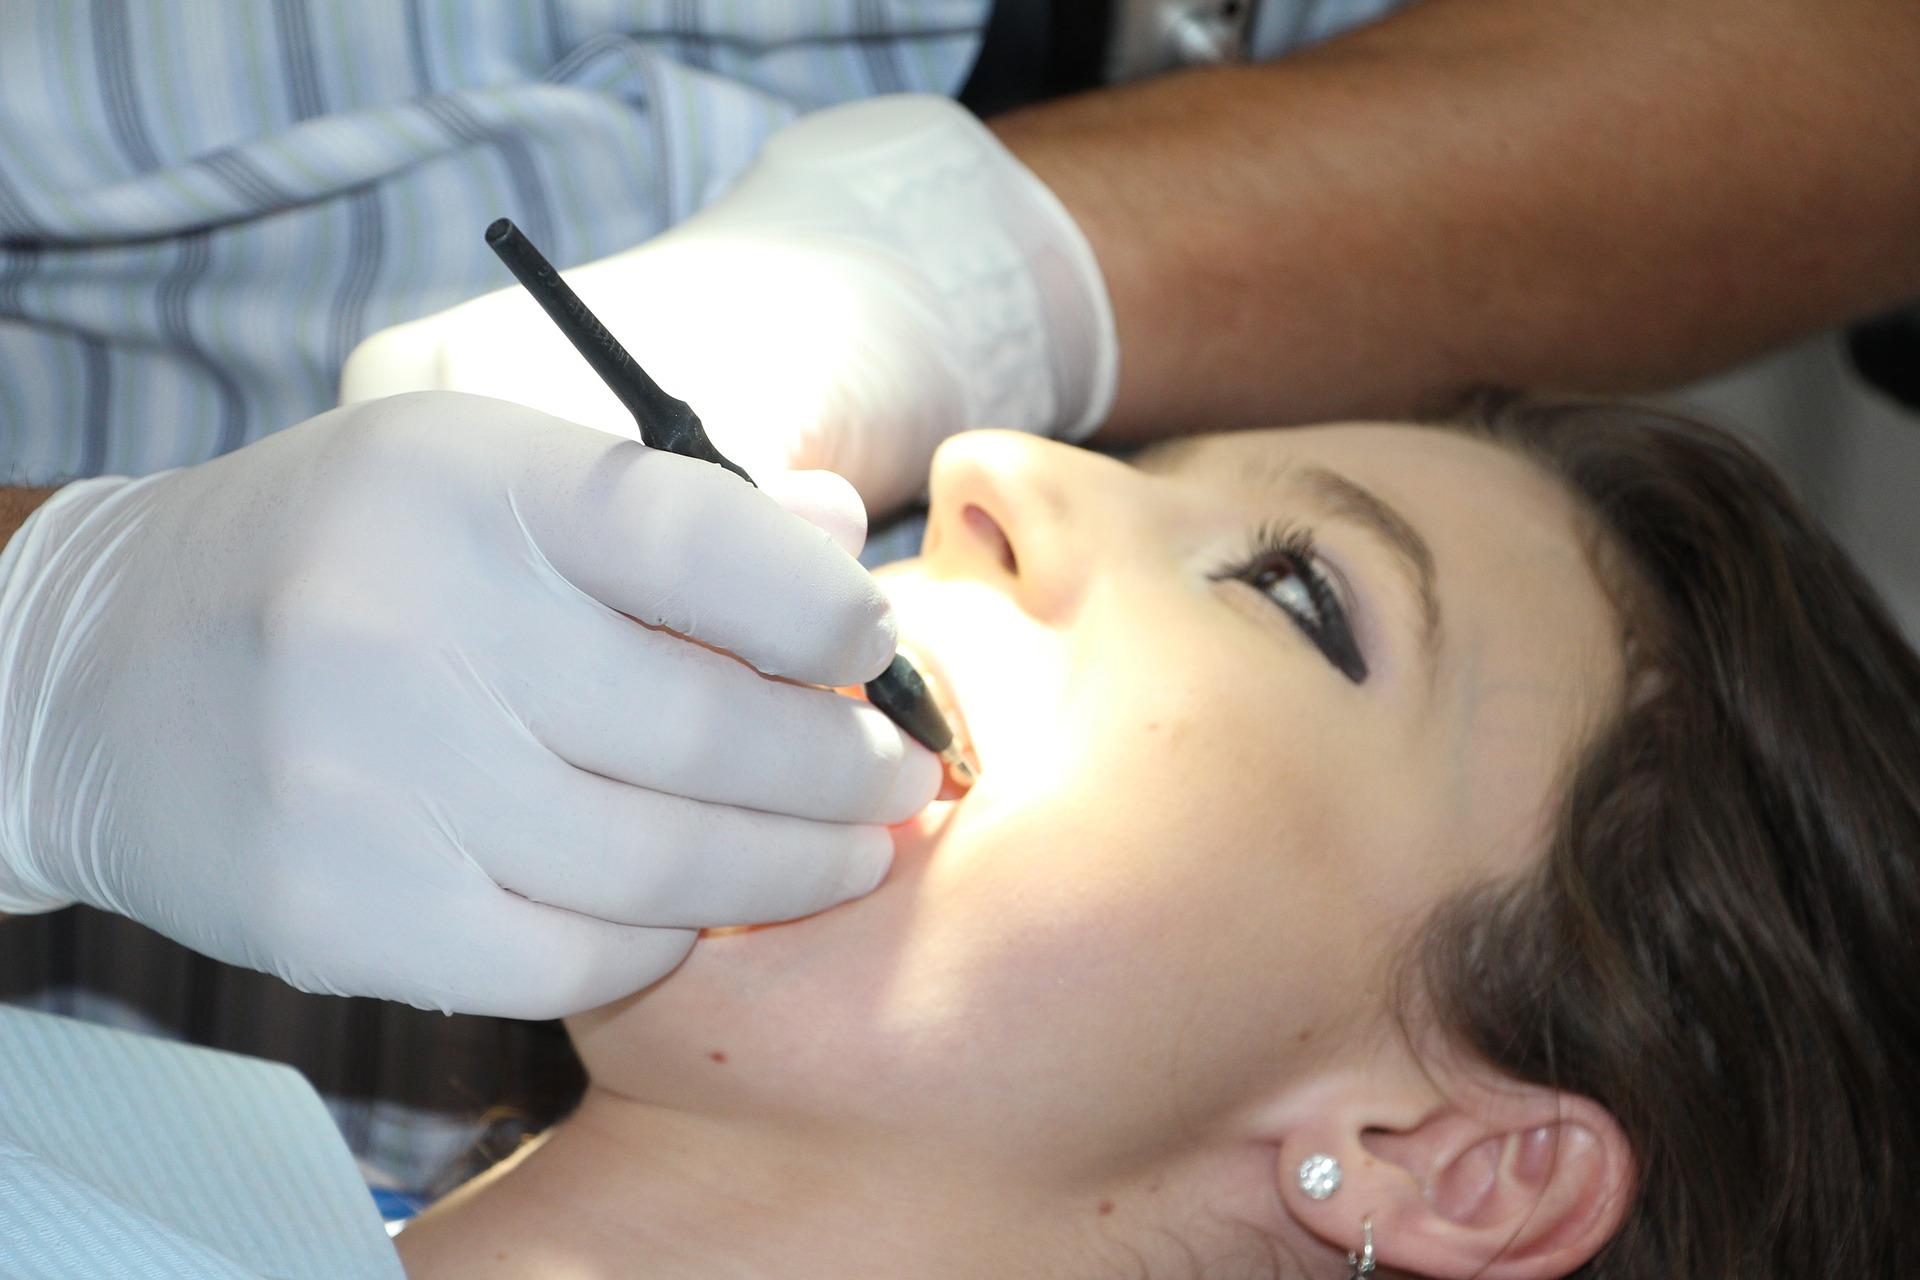 cum putem preveni aparitia cariilor, carie dentara, stomatolog Cluj, clinica stomatologica